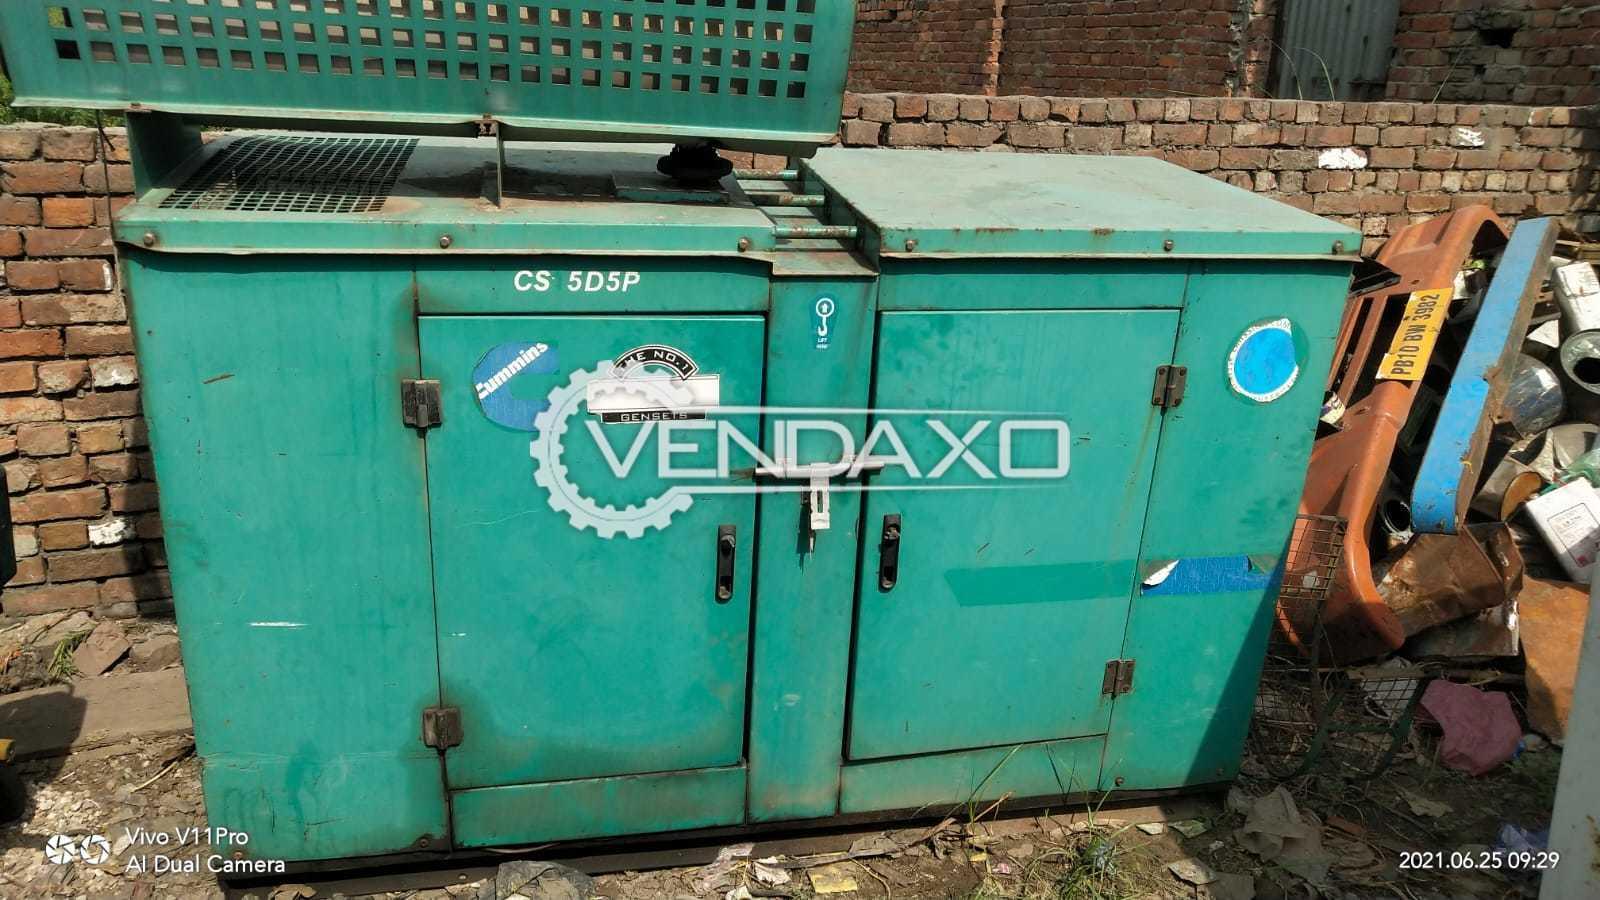 Cummins CJ25D5P Diesel Generator - 15 Kva, 2006 Model